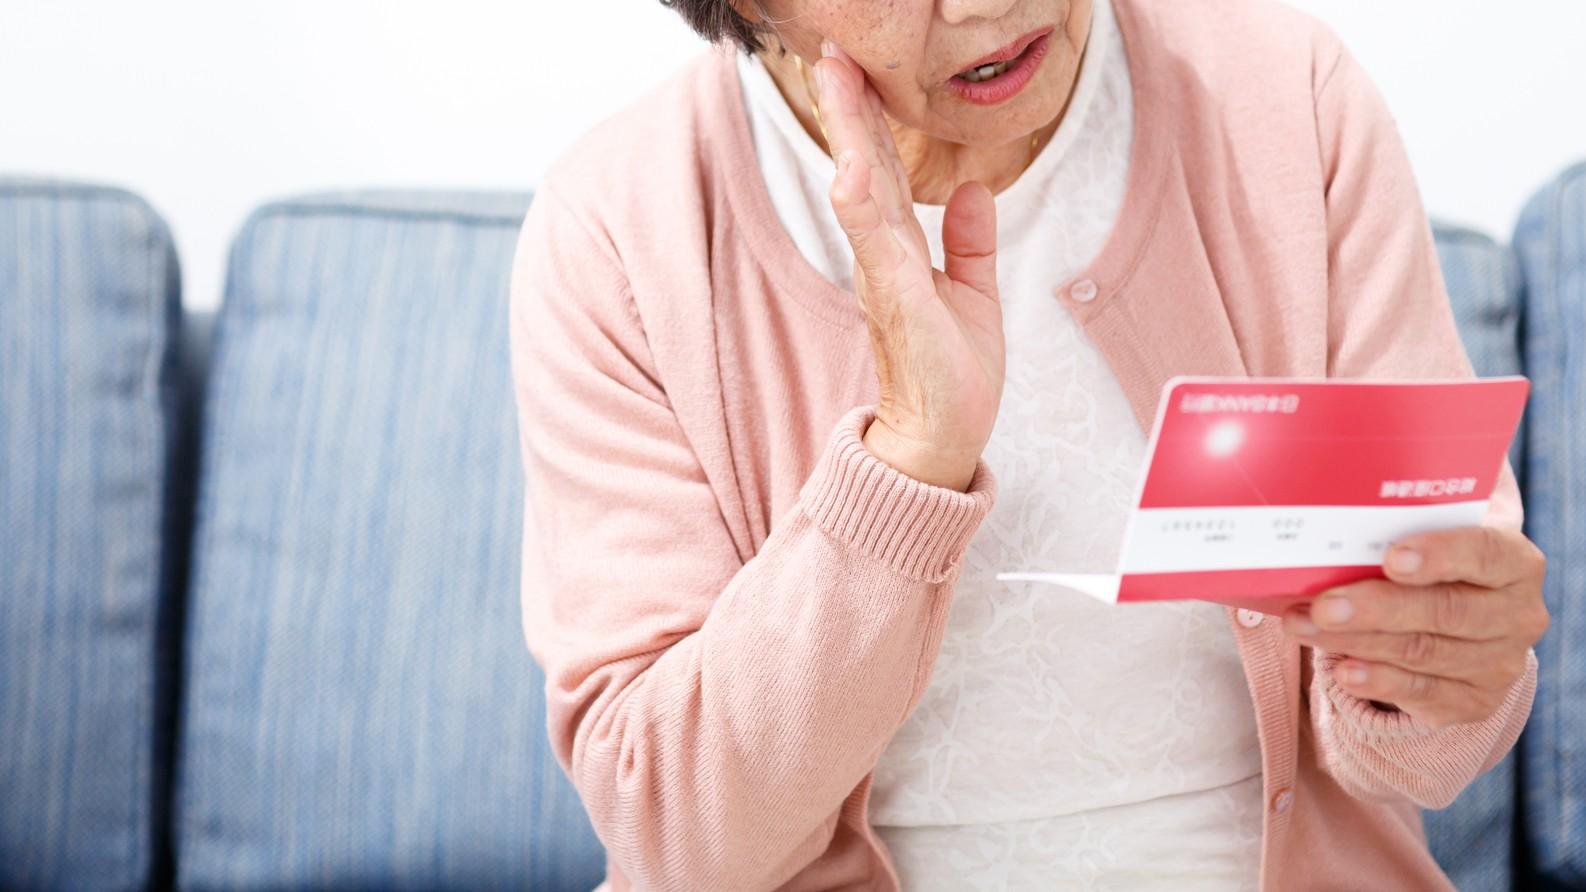 ゆとりある老後を送るために…資産運用のプロが語る「退職金運用」のポイント